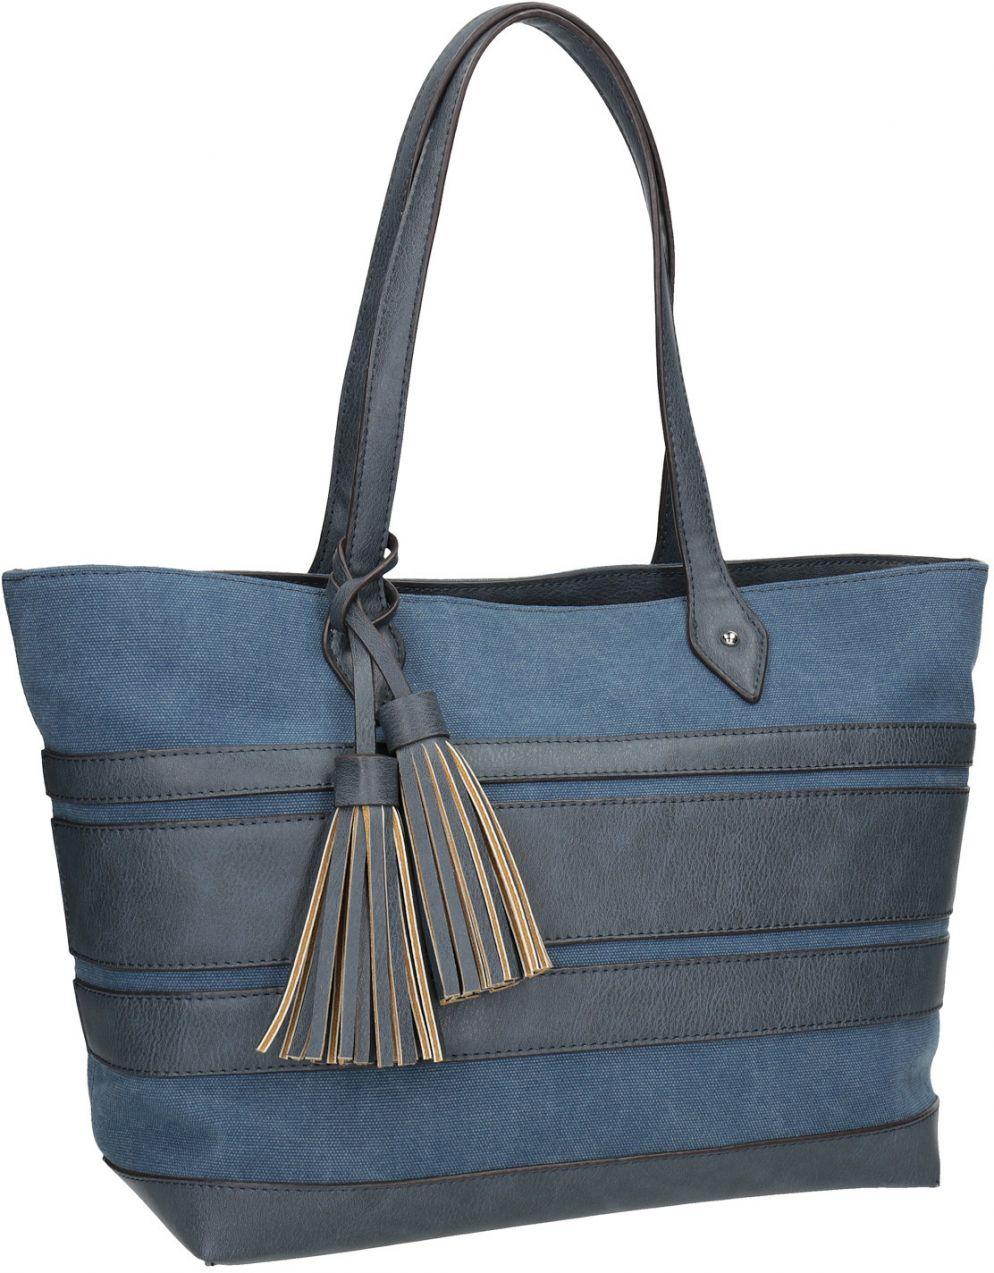 ab030e1ff2 Modrá dámska kabelka so strapcami značky Baťa - Lovely.sk